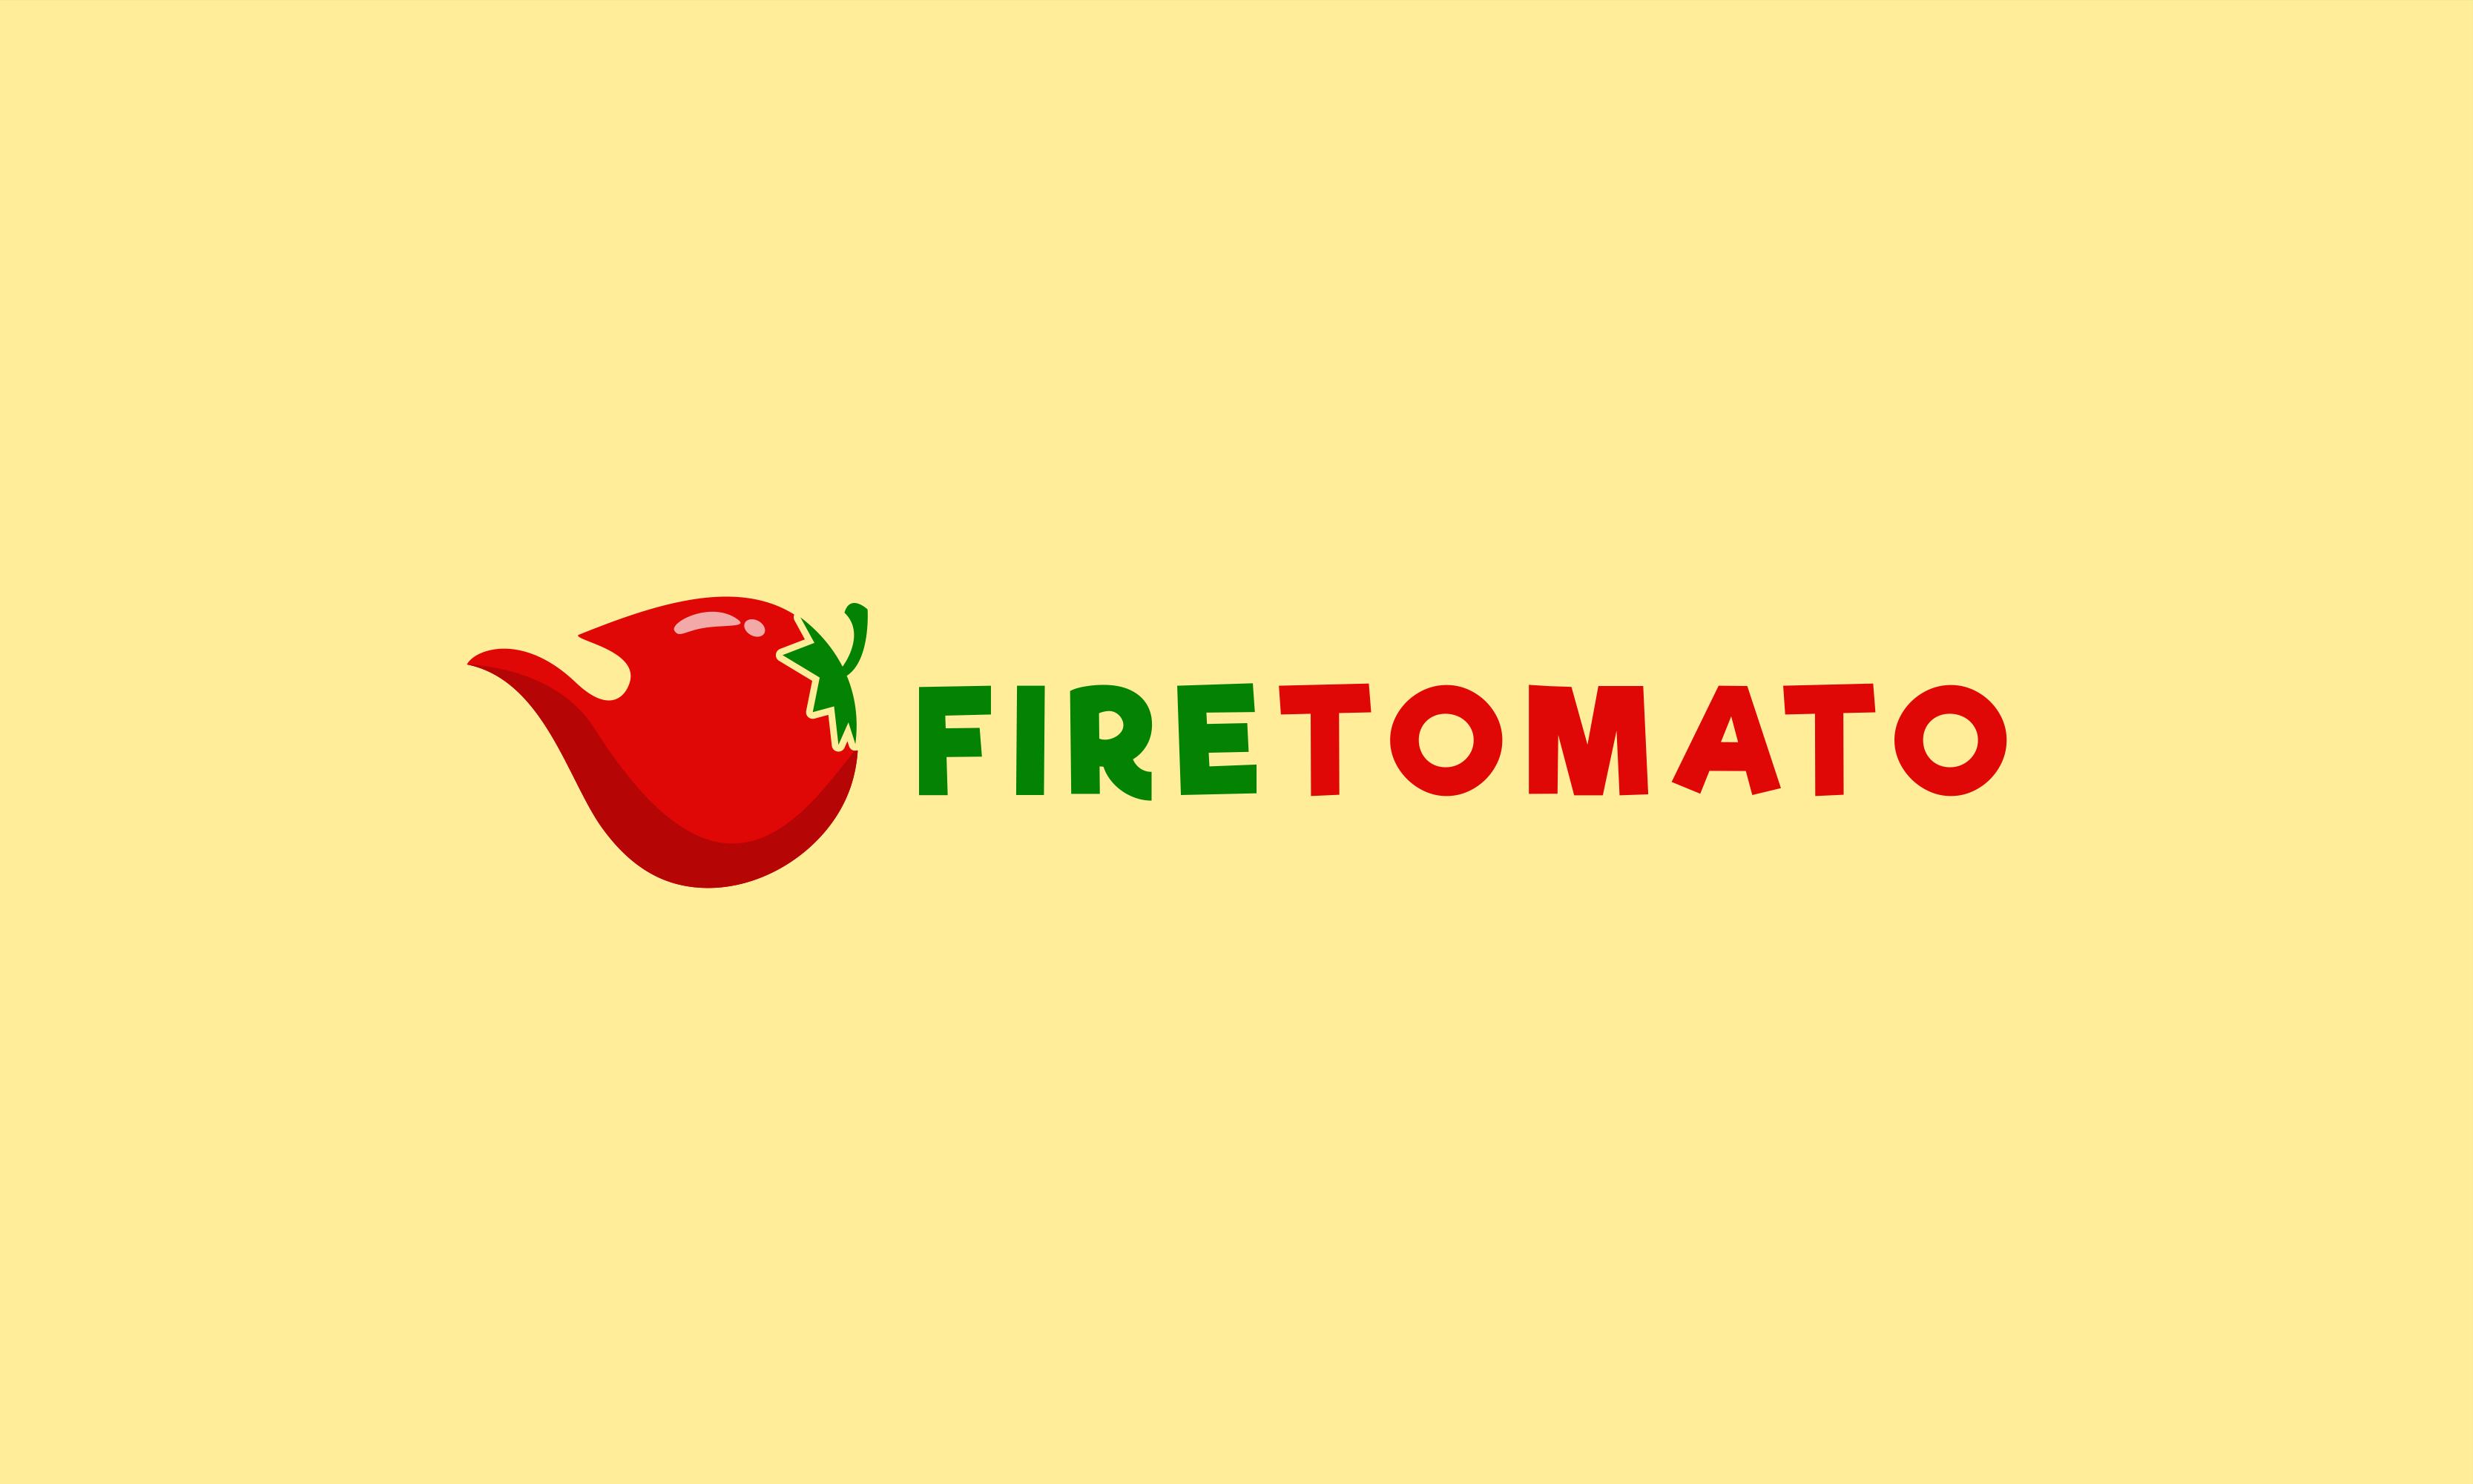 Firetomato